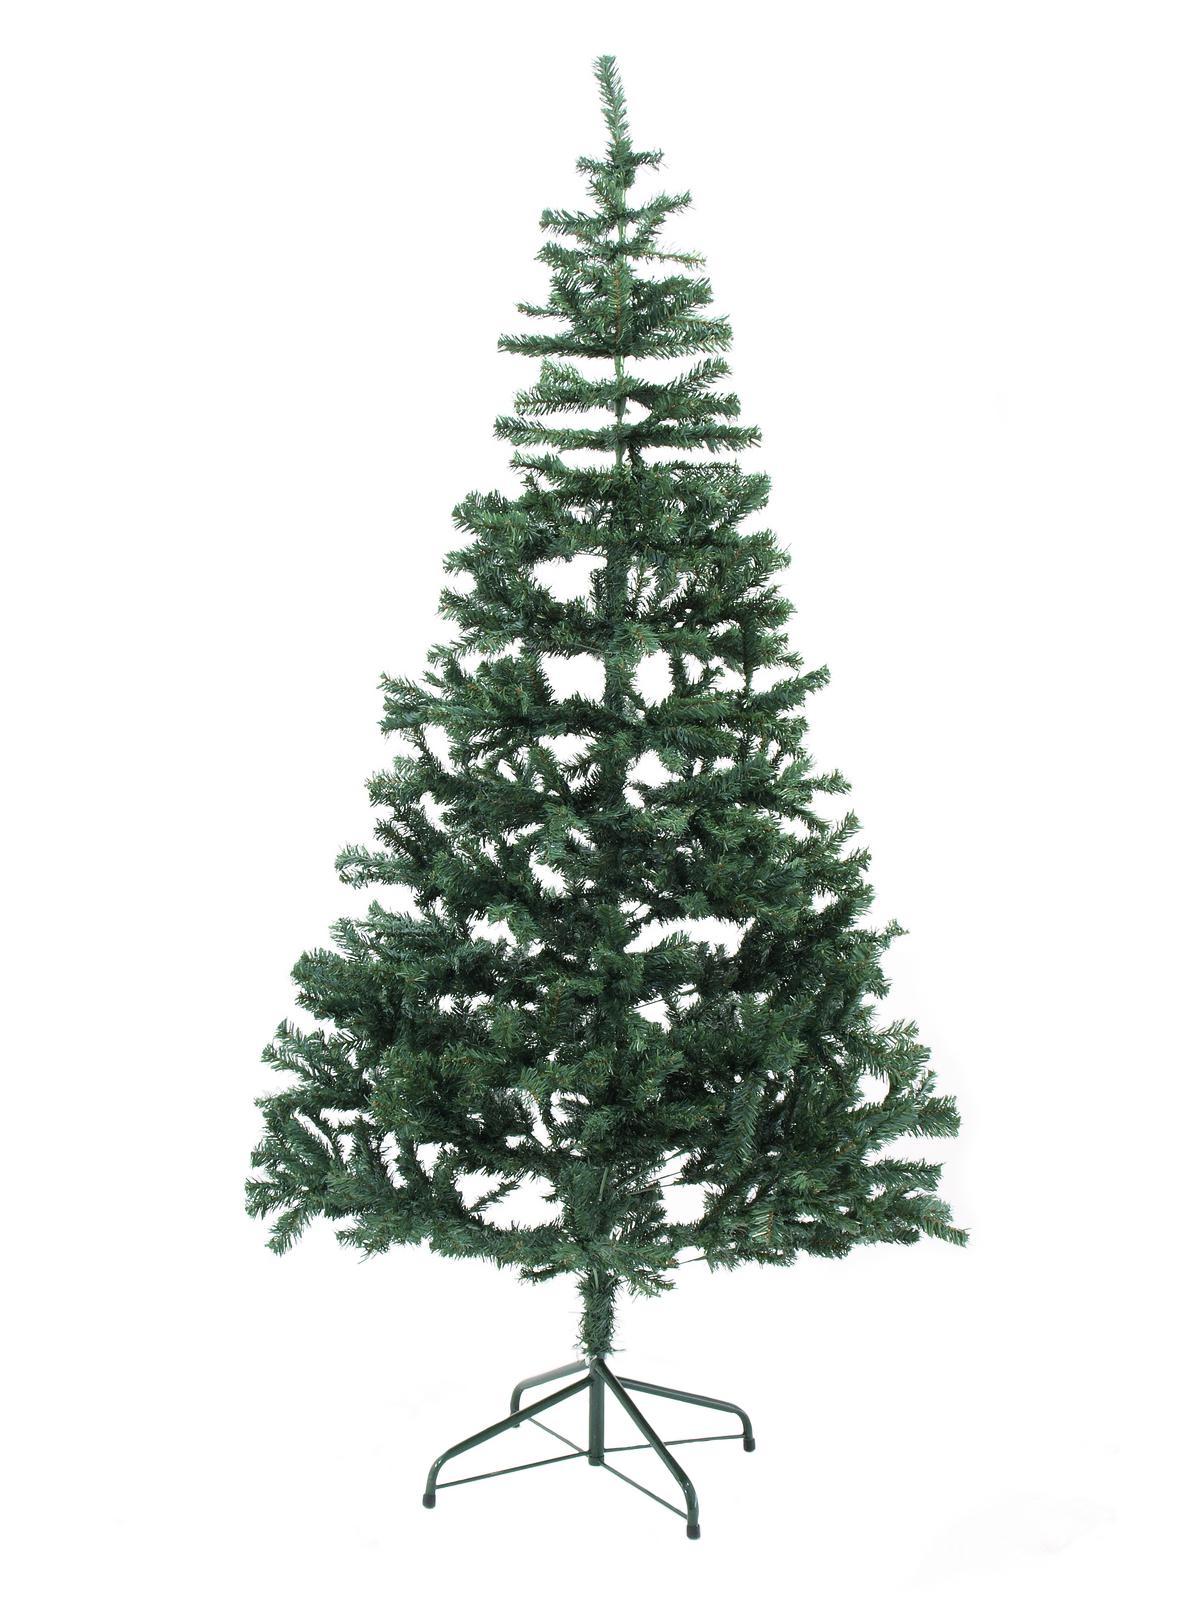 Albero di natale finto in alberi di natale. Albero Di Natale Finto Artificiale 300cm Con Base Piante Finte Fiori Artificiali Fedeli Al Dettaglio Piante Finte Com